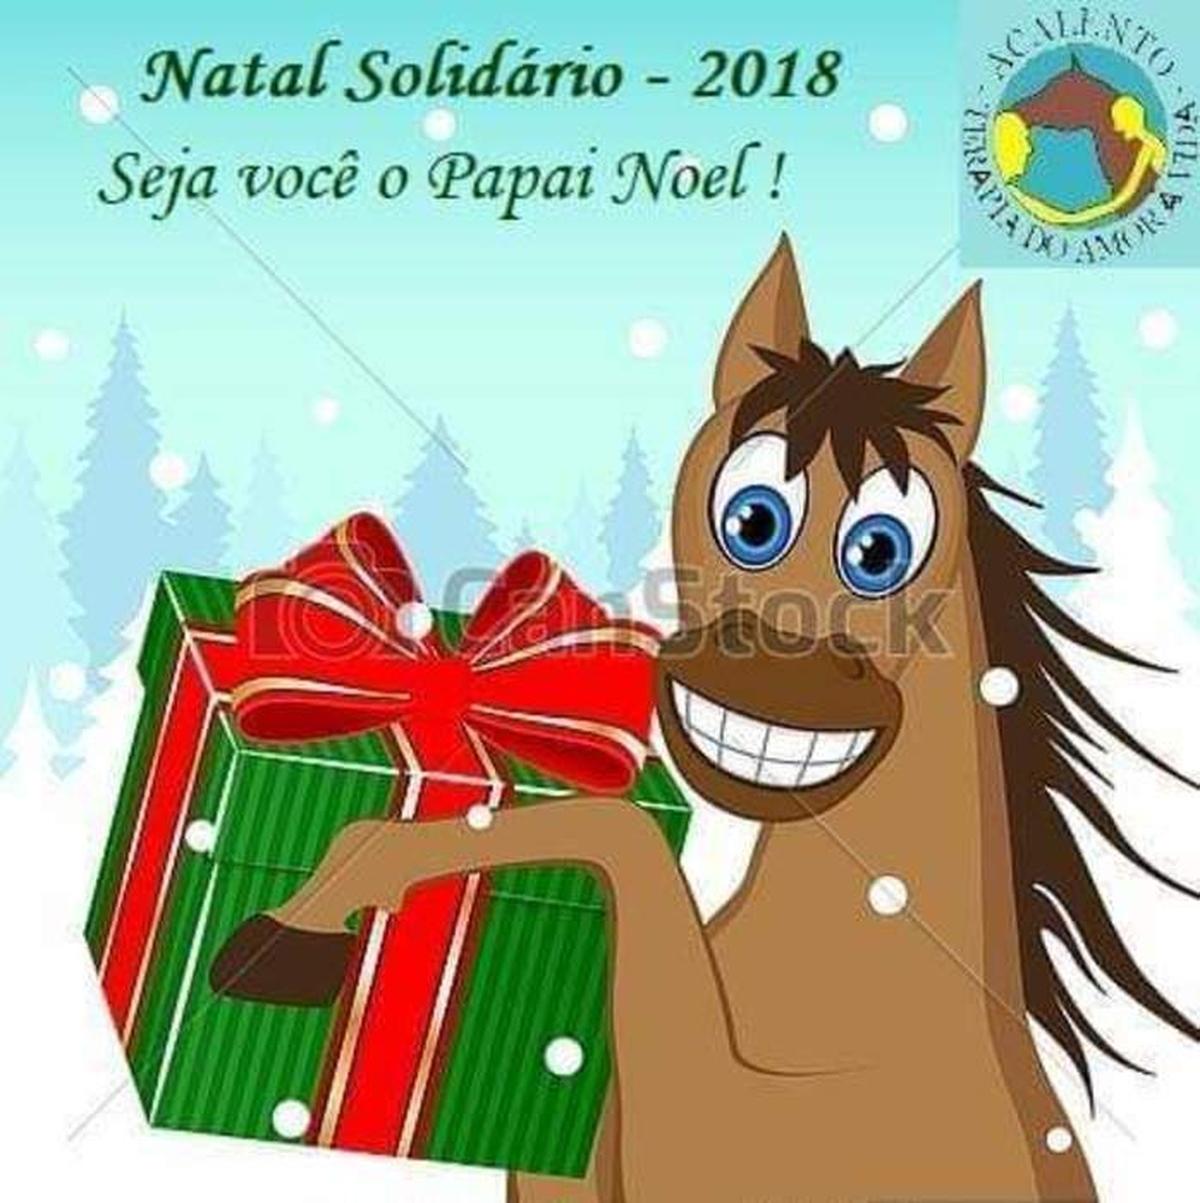 Natal Solidario 2018 - Acalento